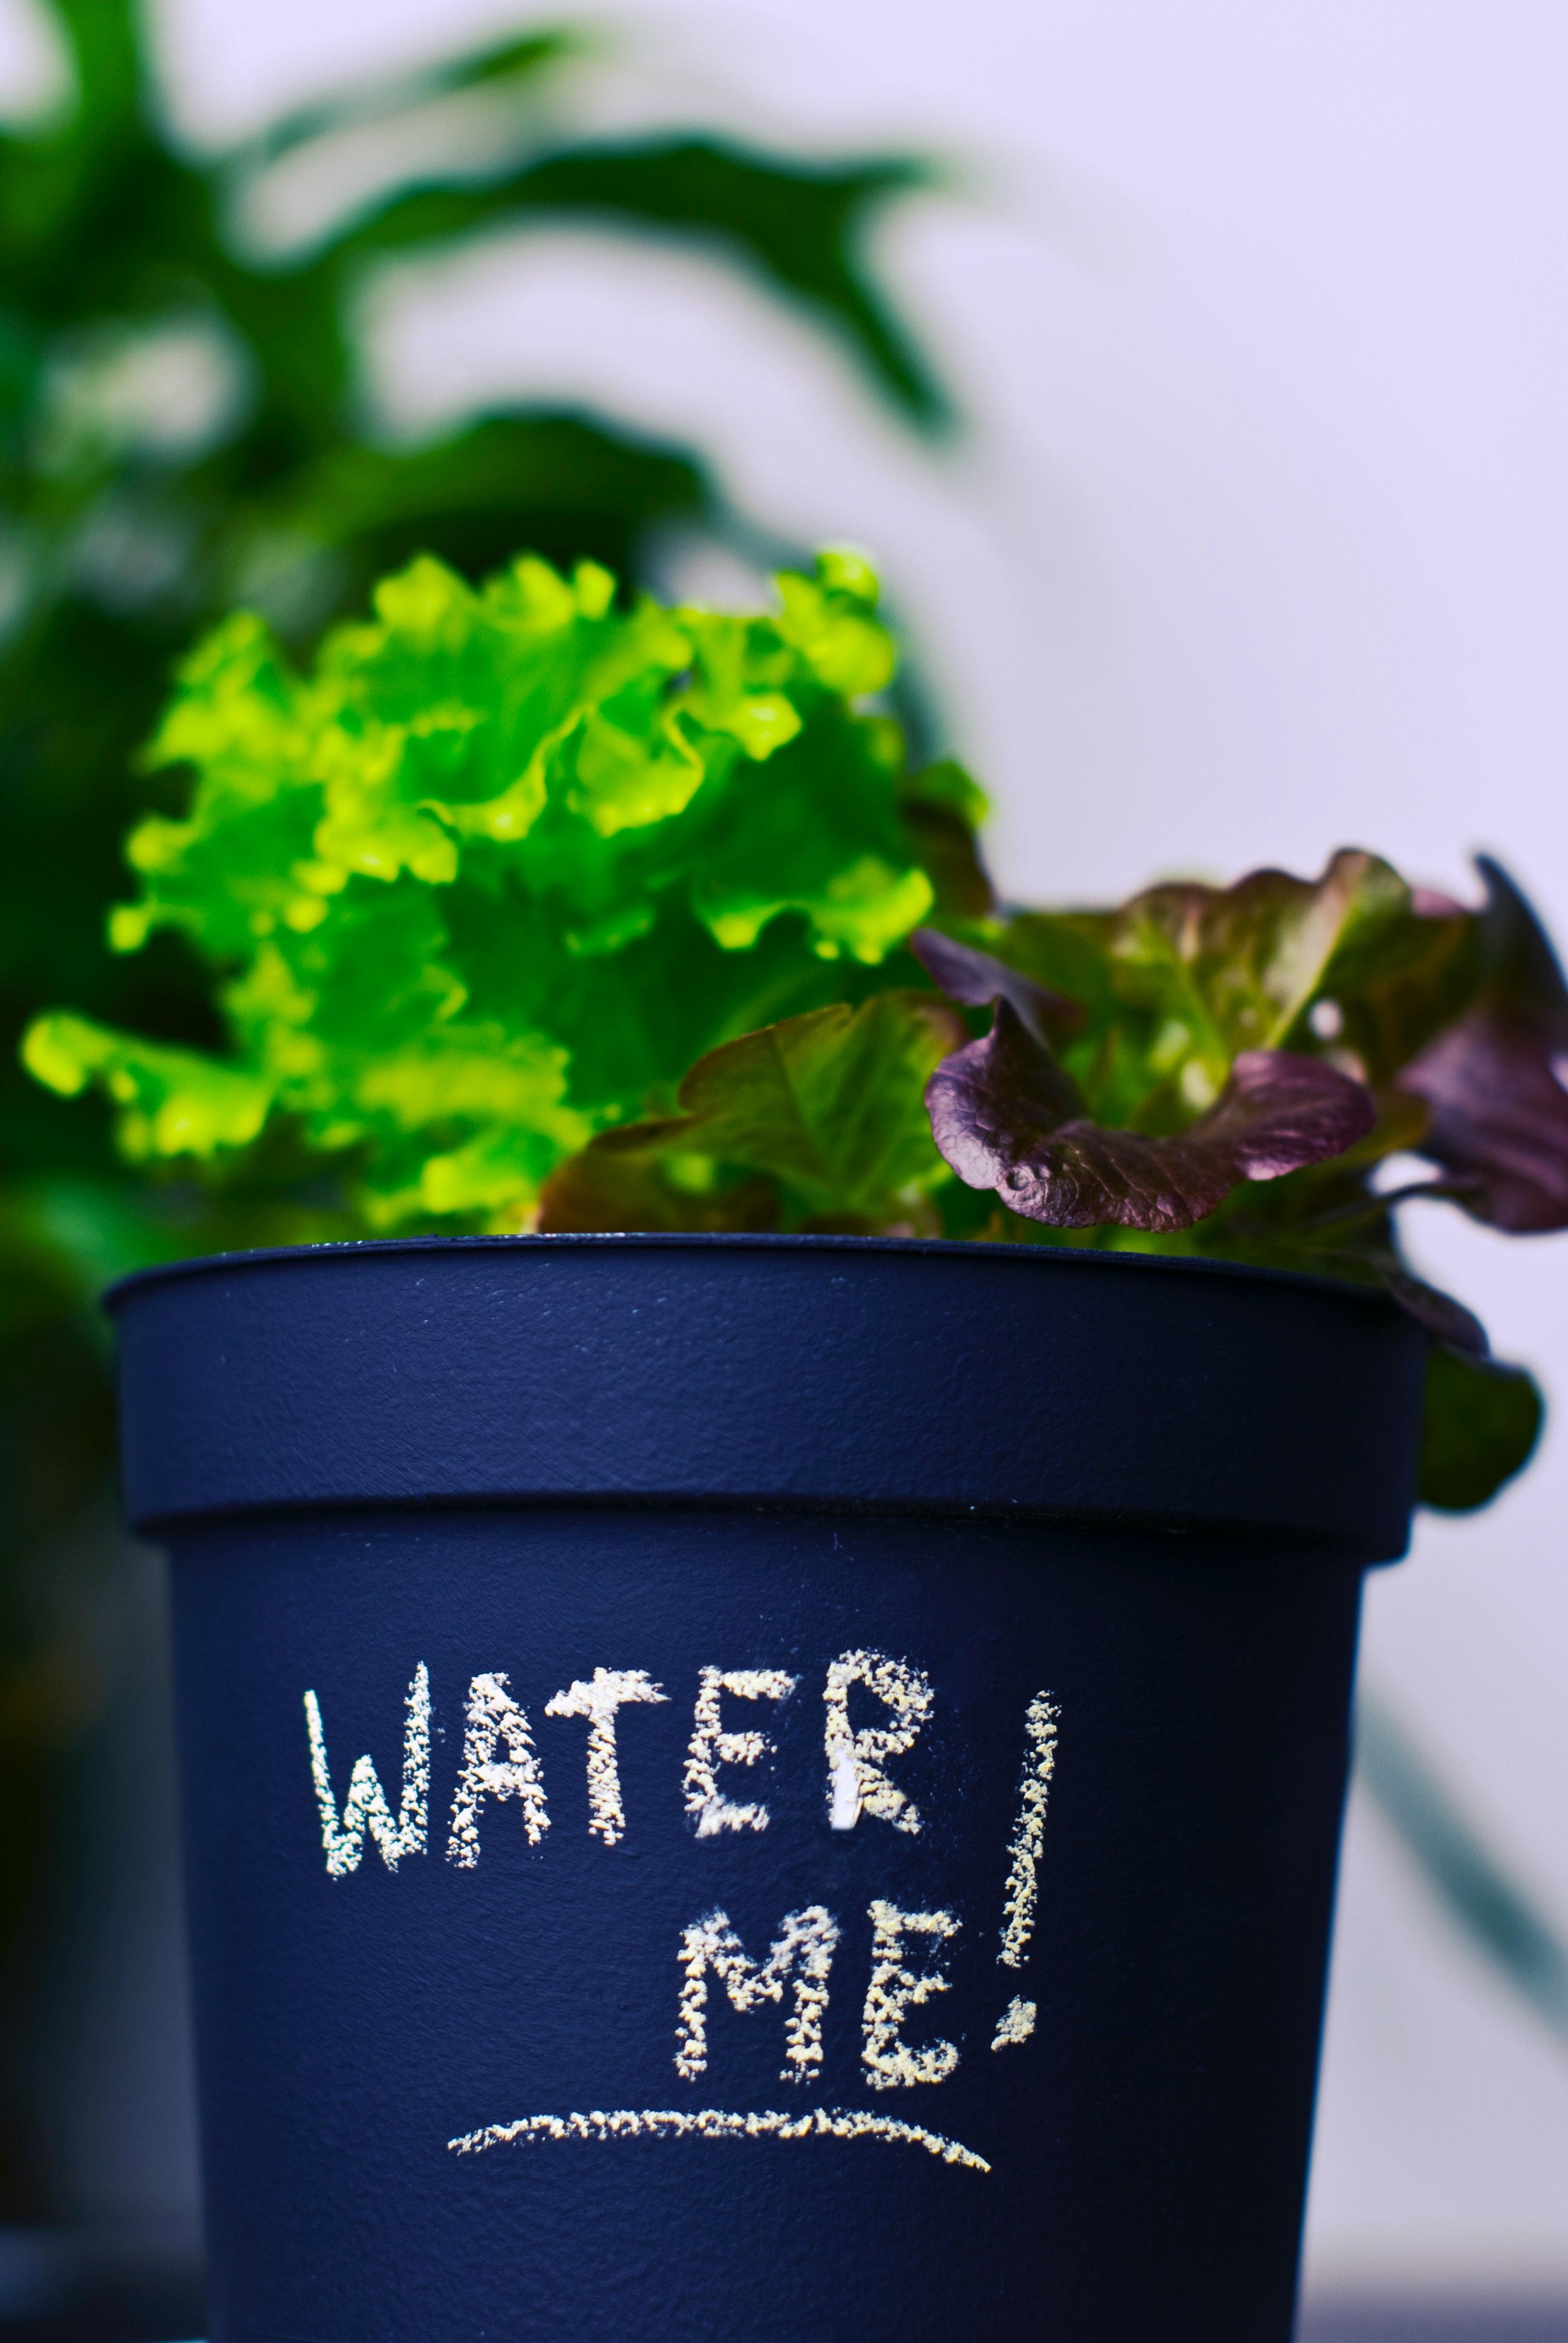 kostenloses foto zum thema: blumentopf, größer werden, grüner salat